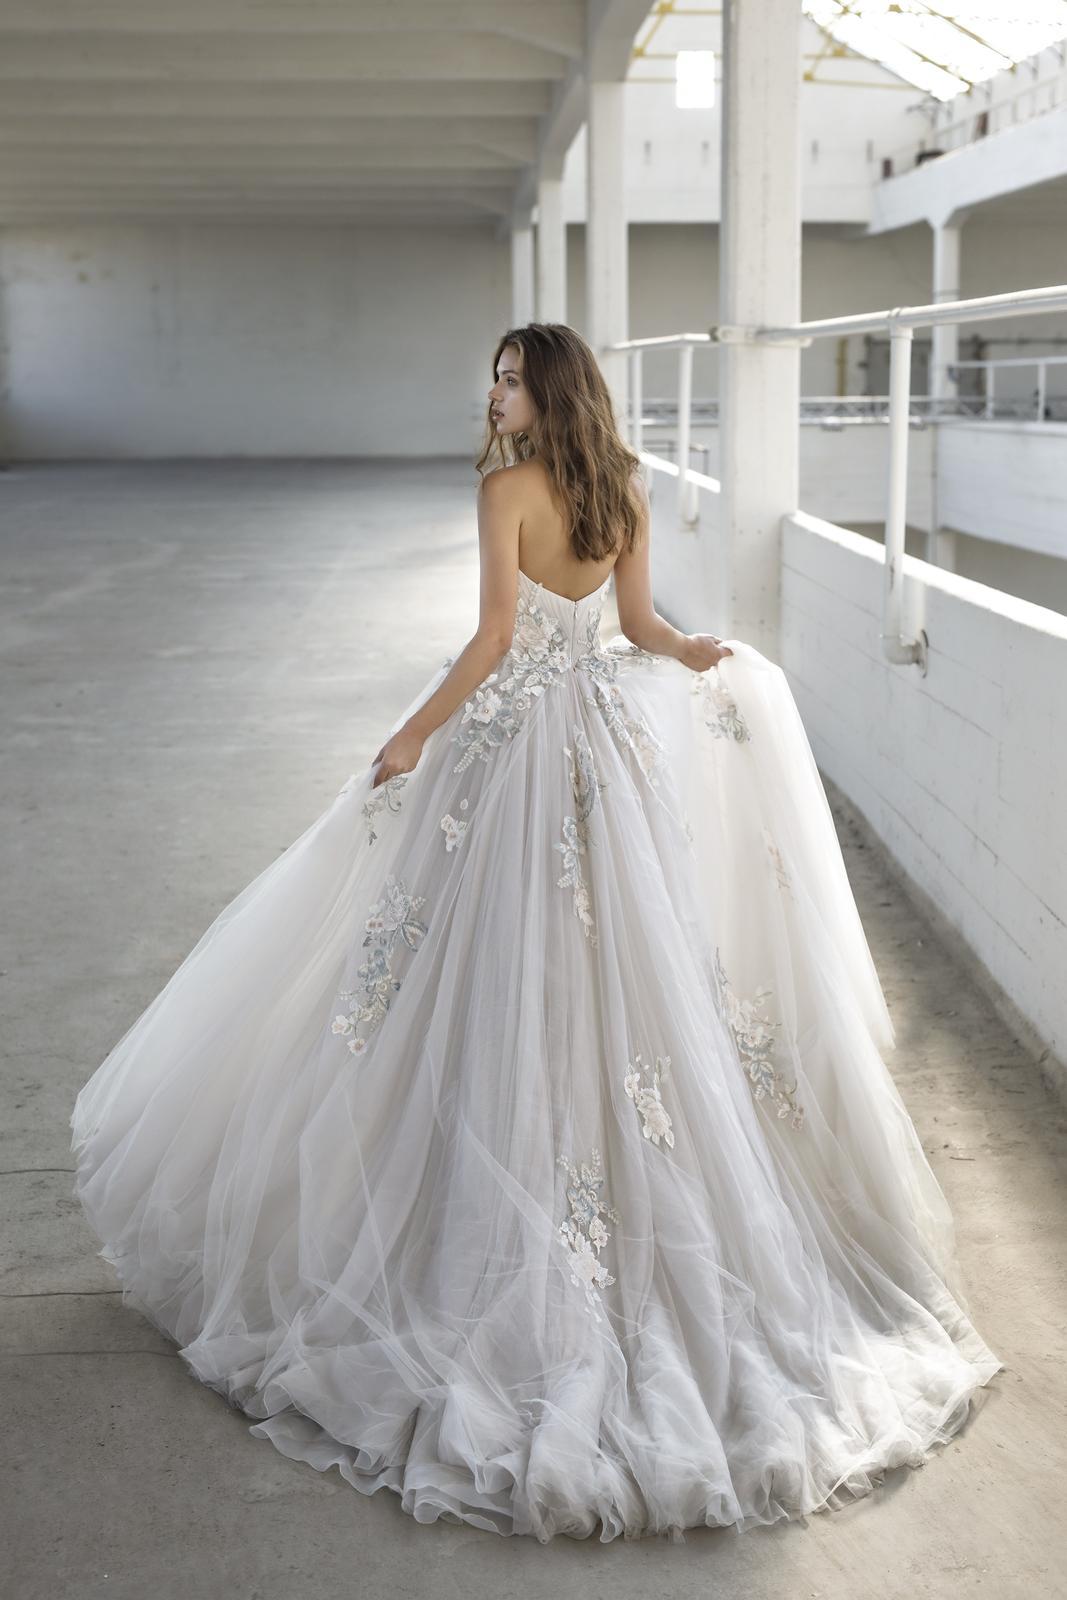 Romantická, elegantní, rebelka anebo bohémka? Jaký typ nevěsty jste vy? - Model Eleanora z kolekce Le Papillon by Modeca 2019